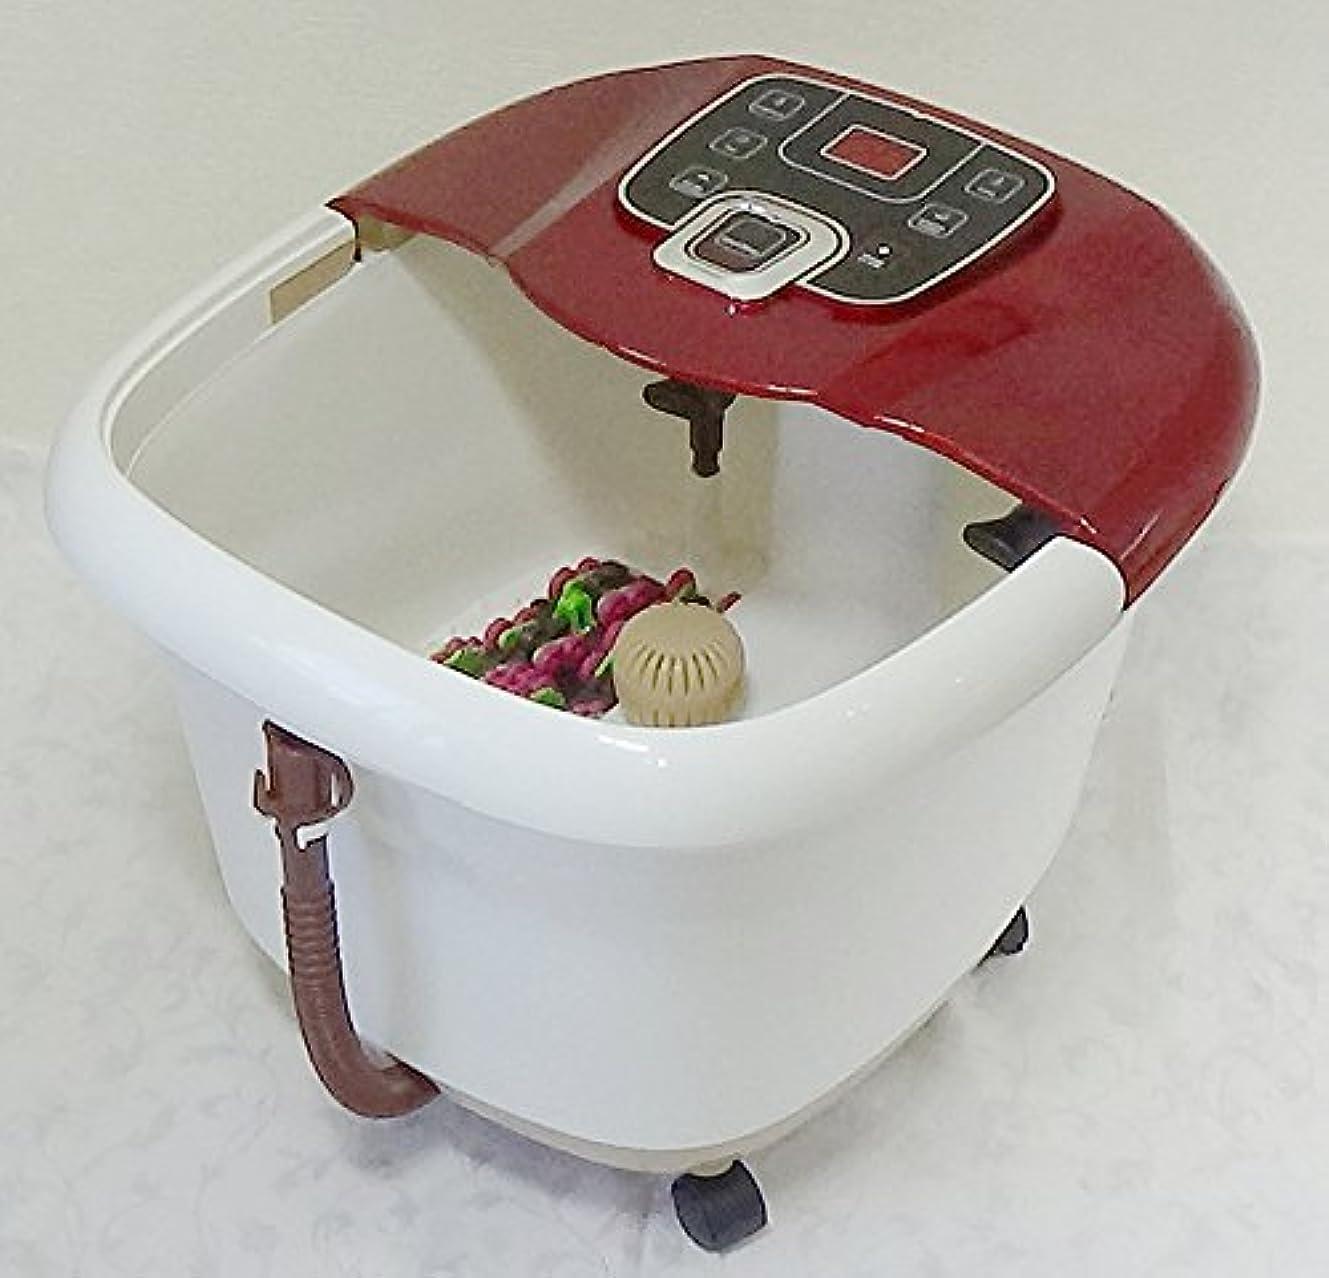 活気づける青故国足湯器 Foot Spa マカナ 足裏マッサージローラー付 温度設定&水循環型